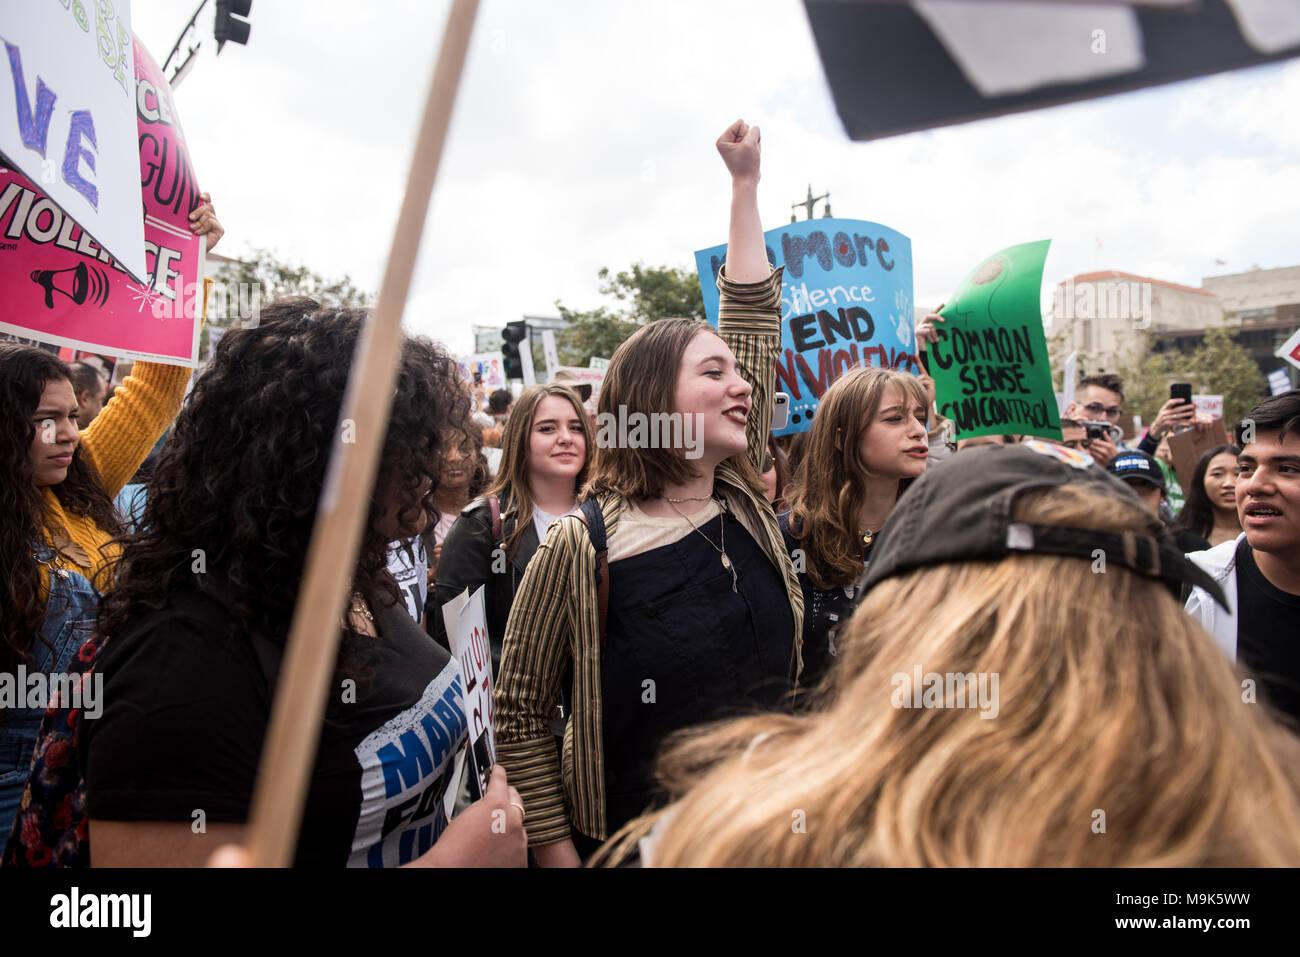 LOS ANGELES - MÄRZ 24, 2018: März für unser Leben ist eine Bewegung von Studierenden gewidmet - LED-Aktivismus um Beendigung von Waffengewalt und die massenerschießungen. Stockbild